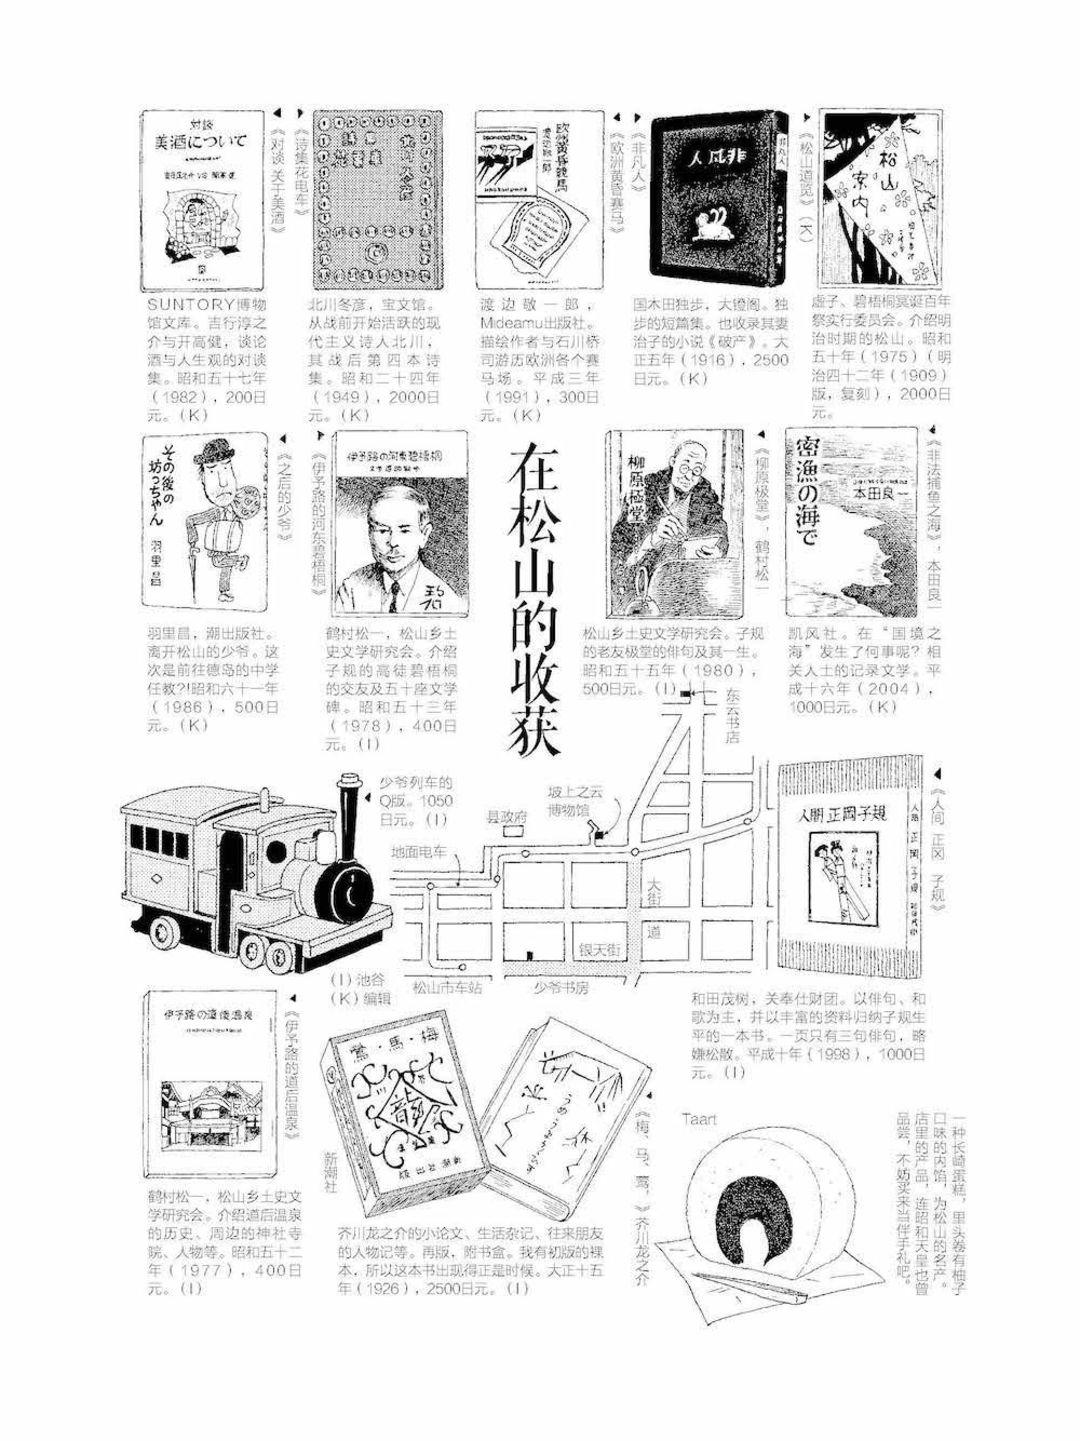 跟随这些手绘图,进行一次日本古书店之旅吧